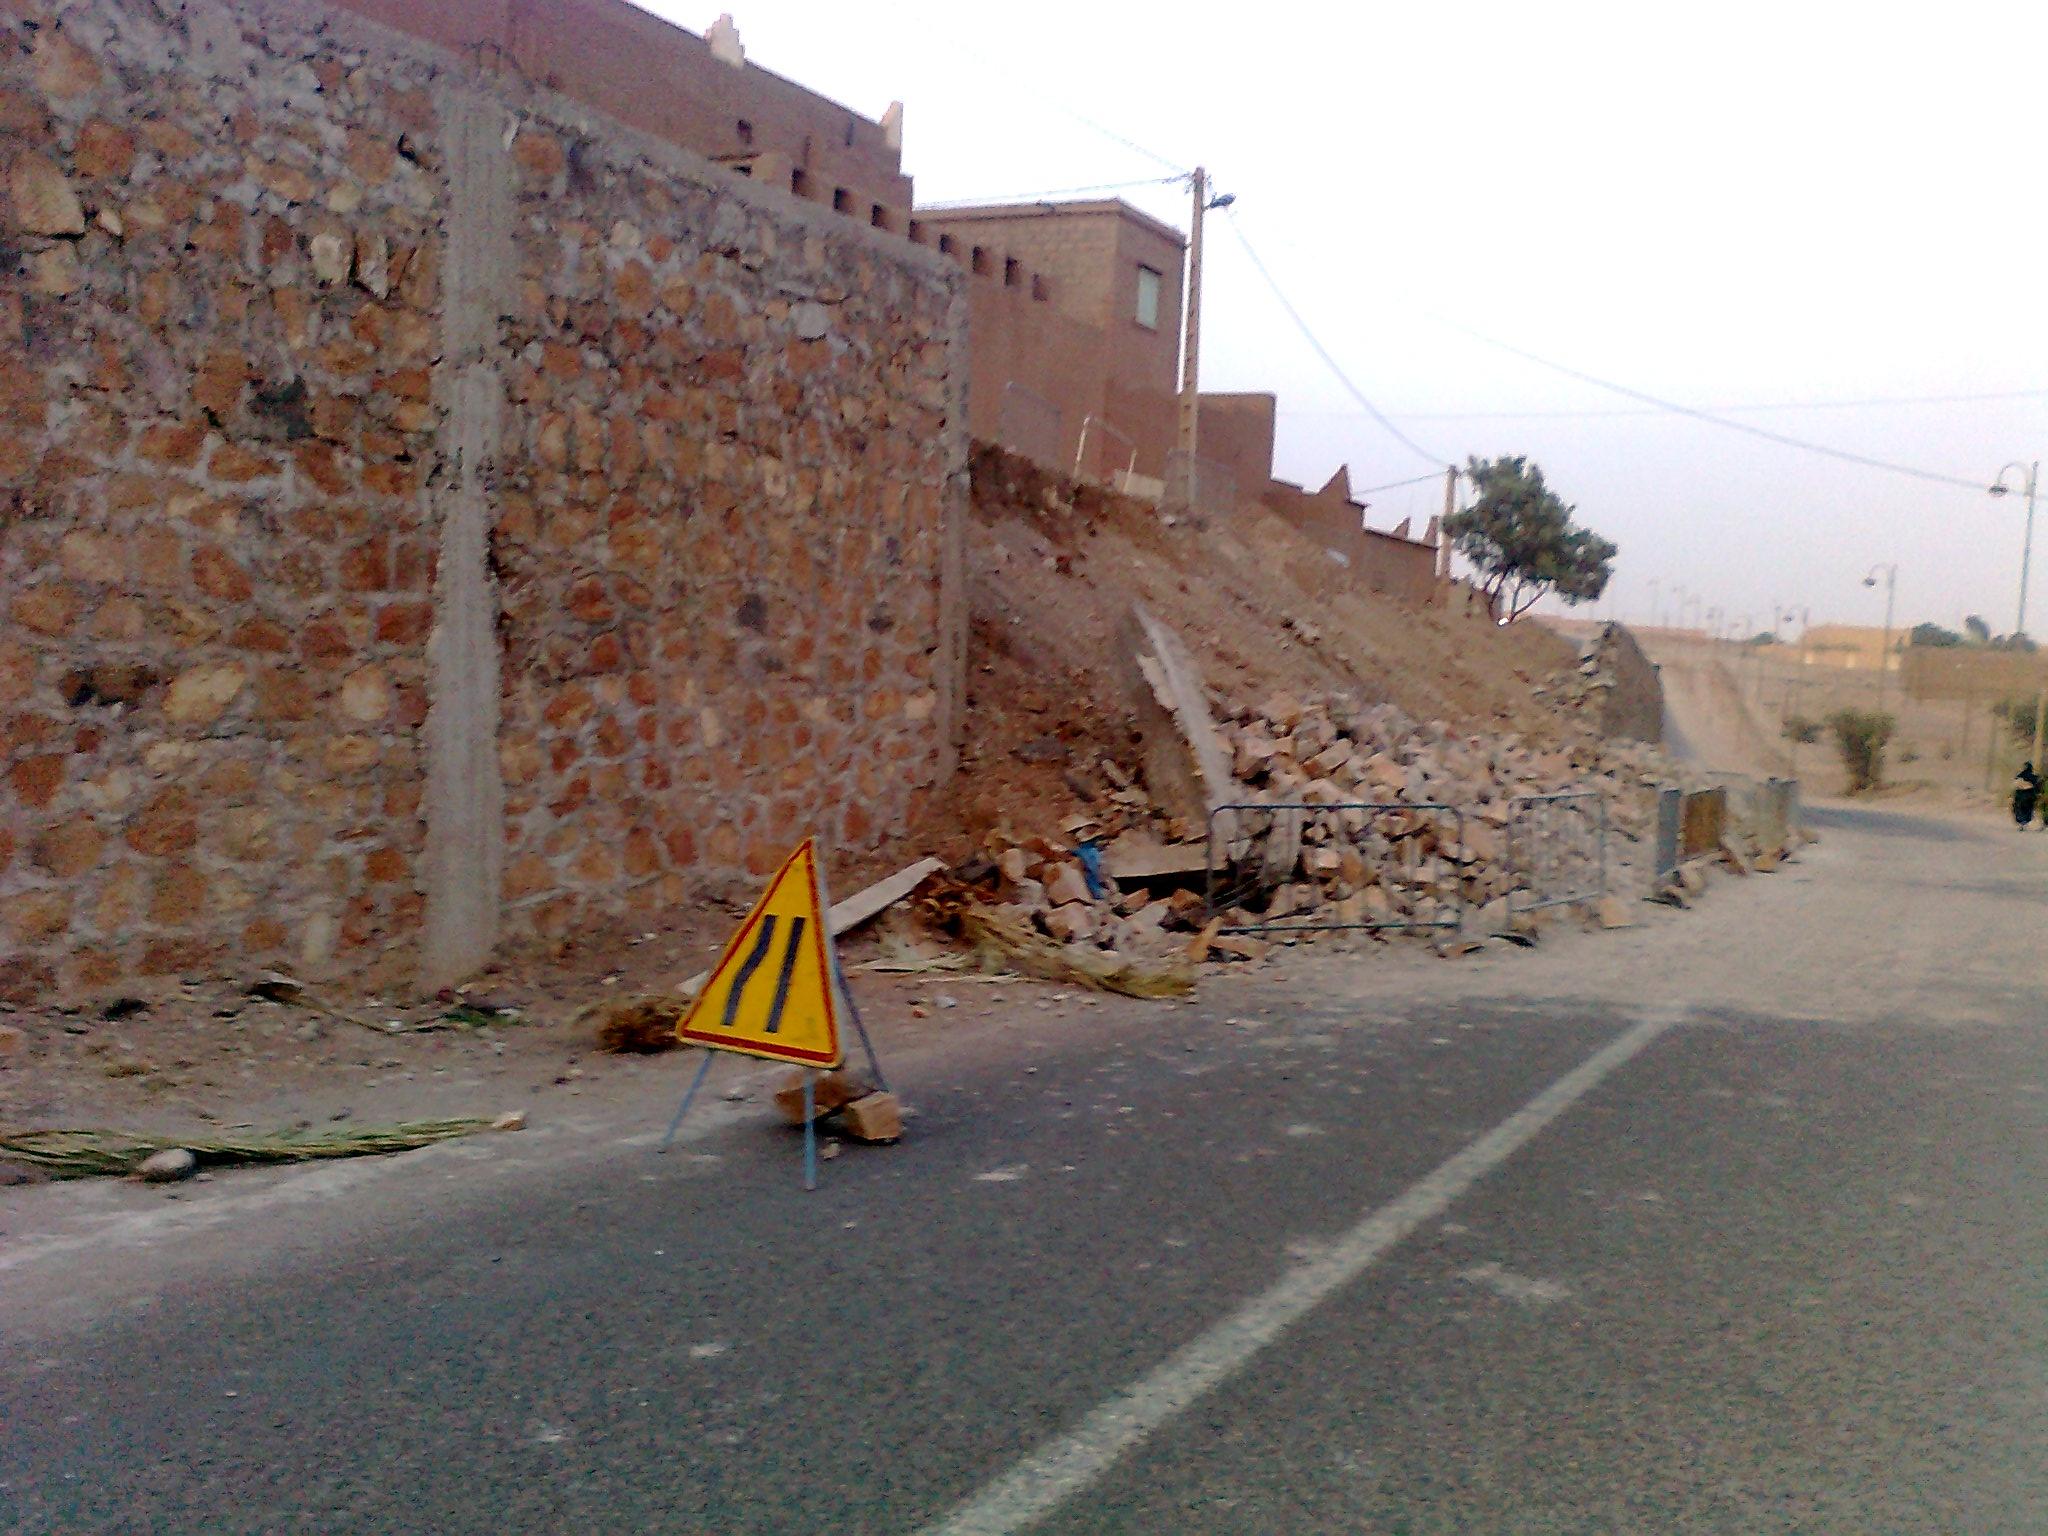 انيهار ما يقارب من 15 متر من حائط اسمنتي لم تنته الأشغال به بعد بأمزرو